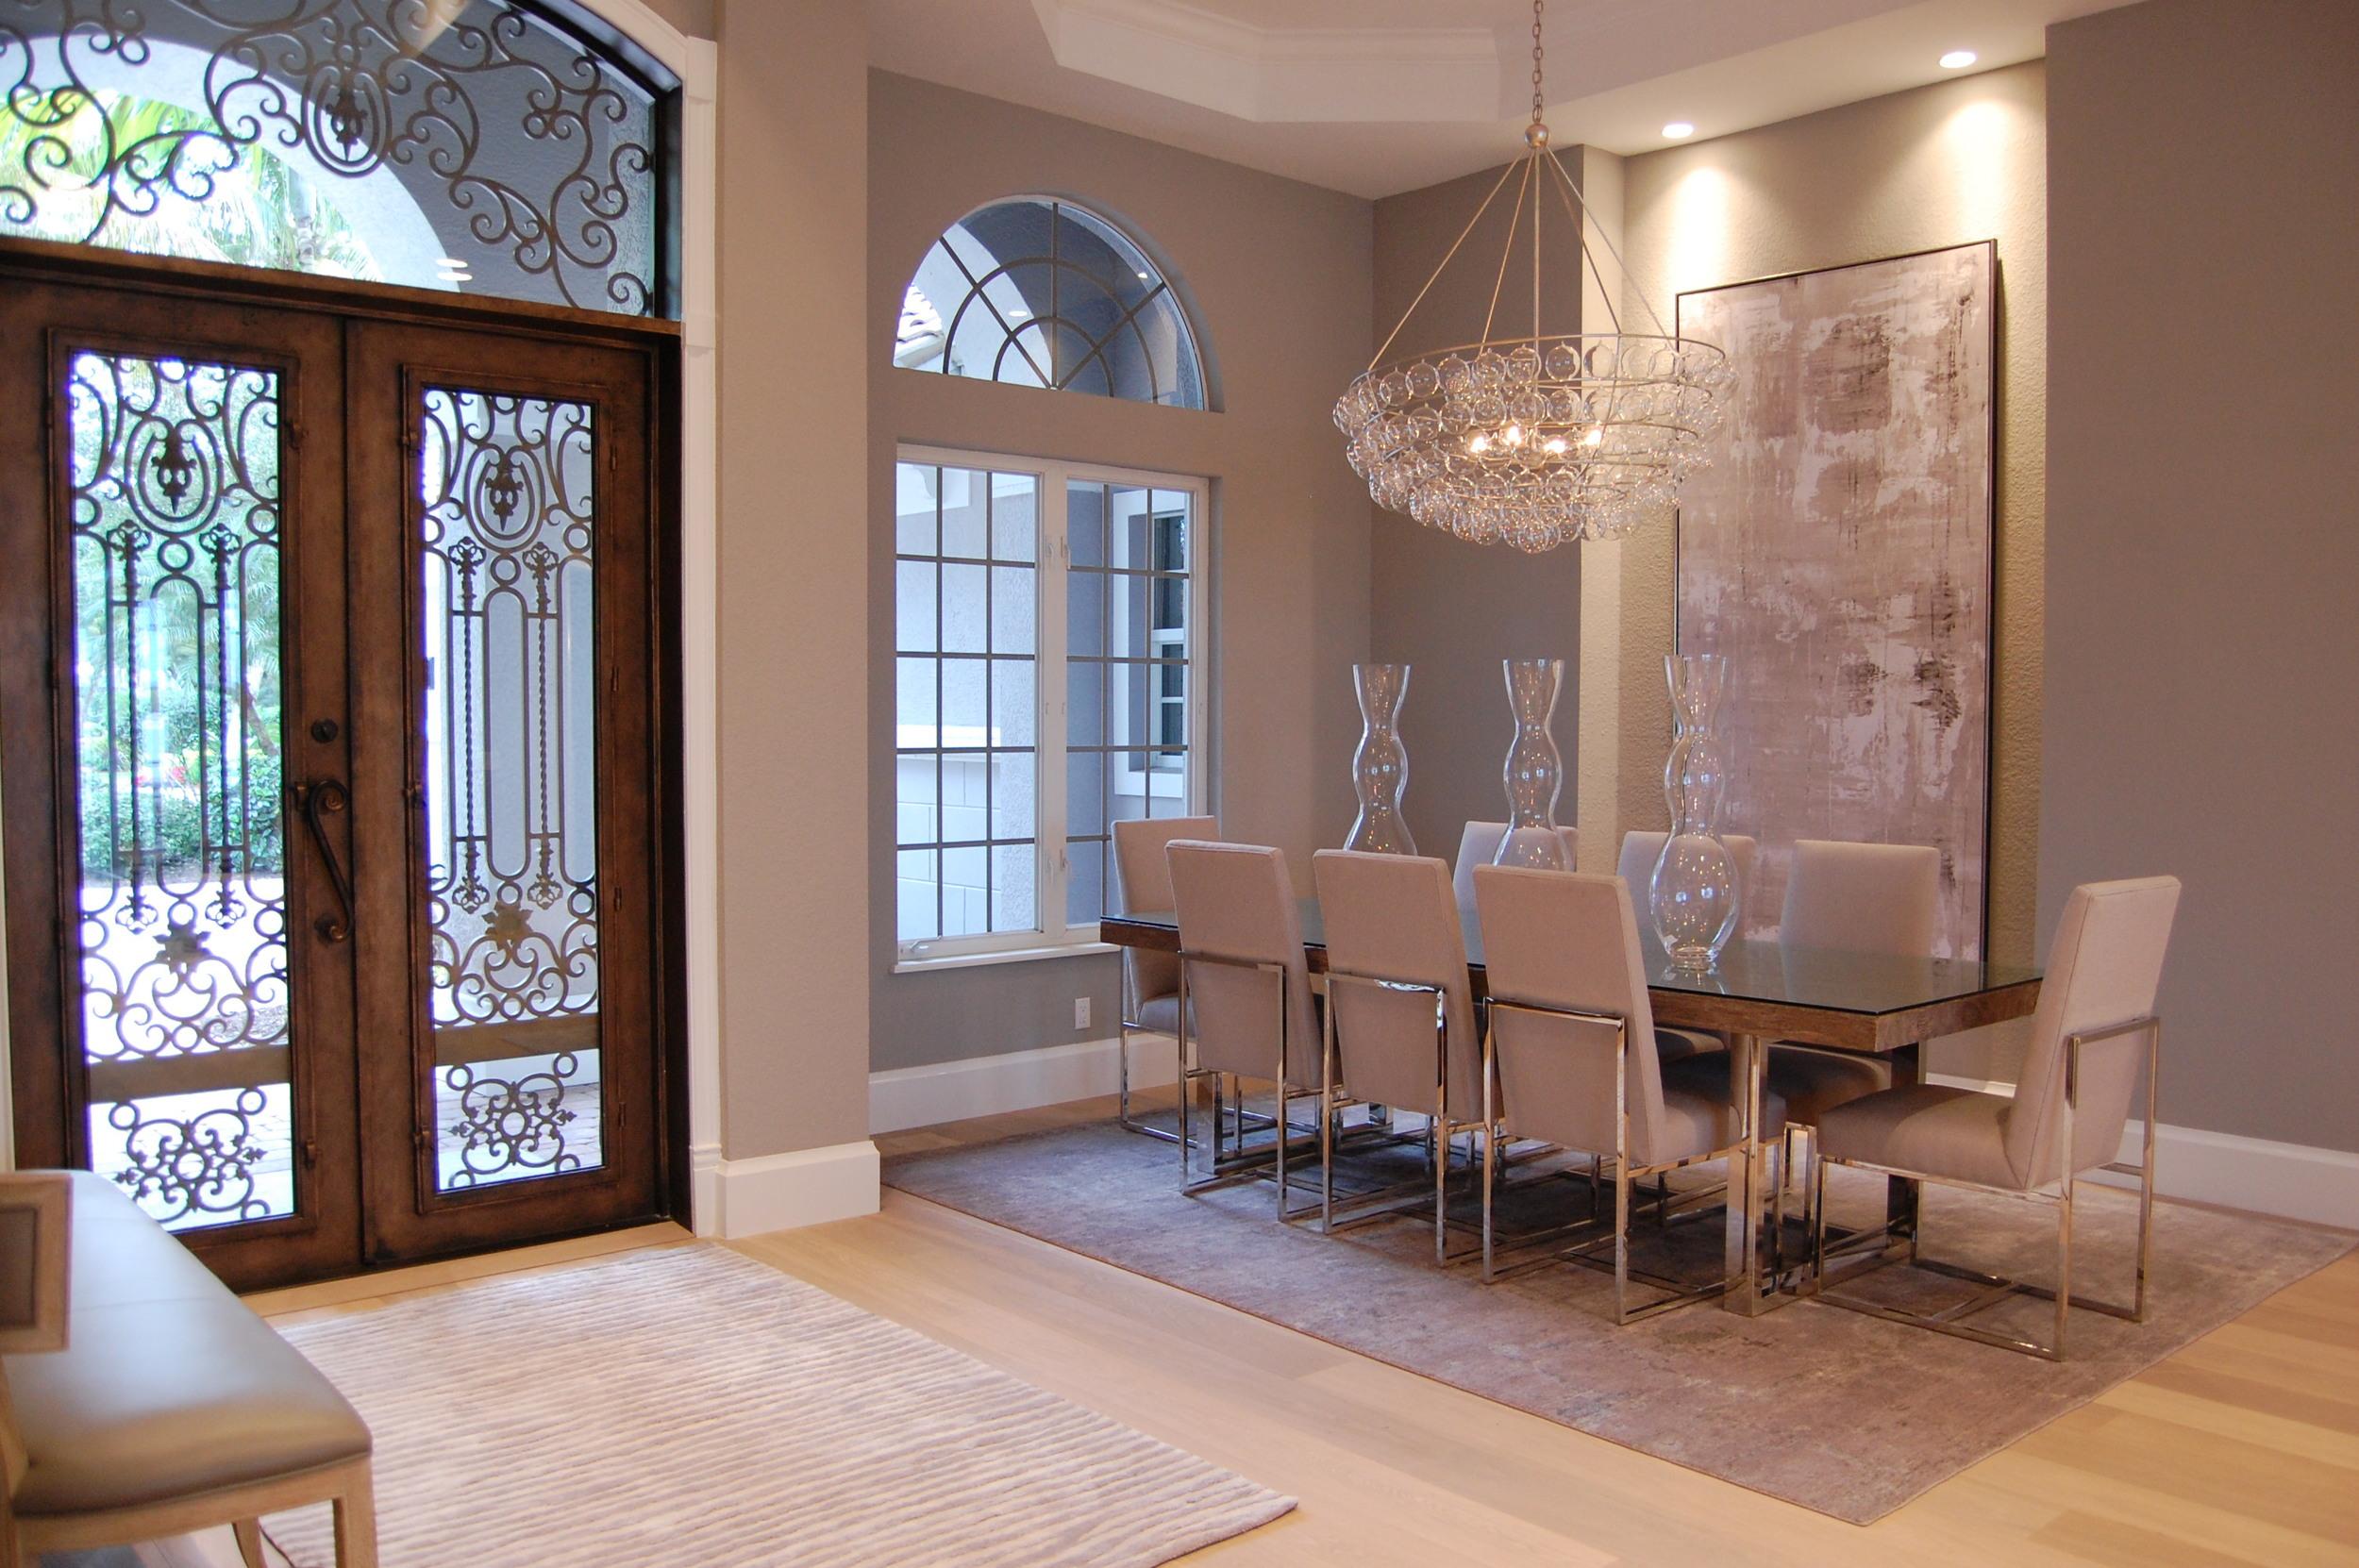 Entrance & Dining 4.JPG